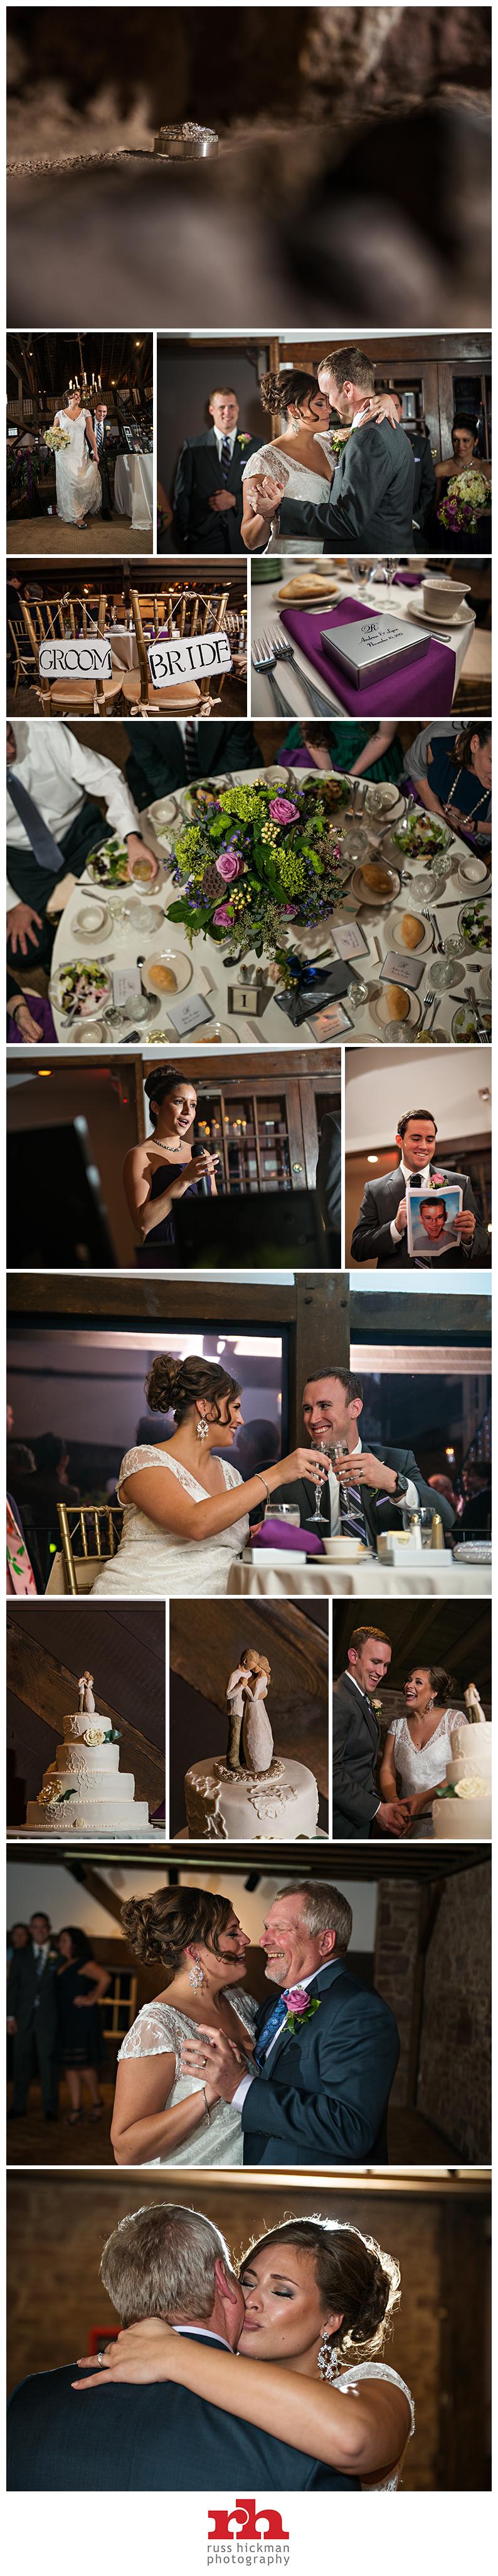 Philadelphia Wedding Photography LAWB0006